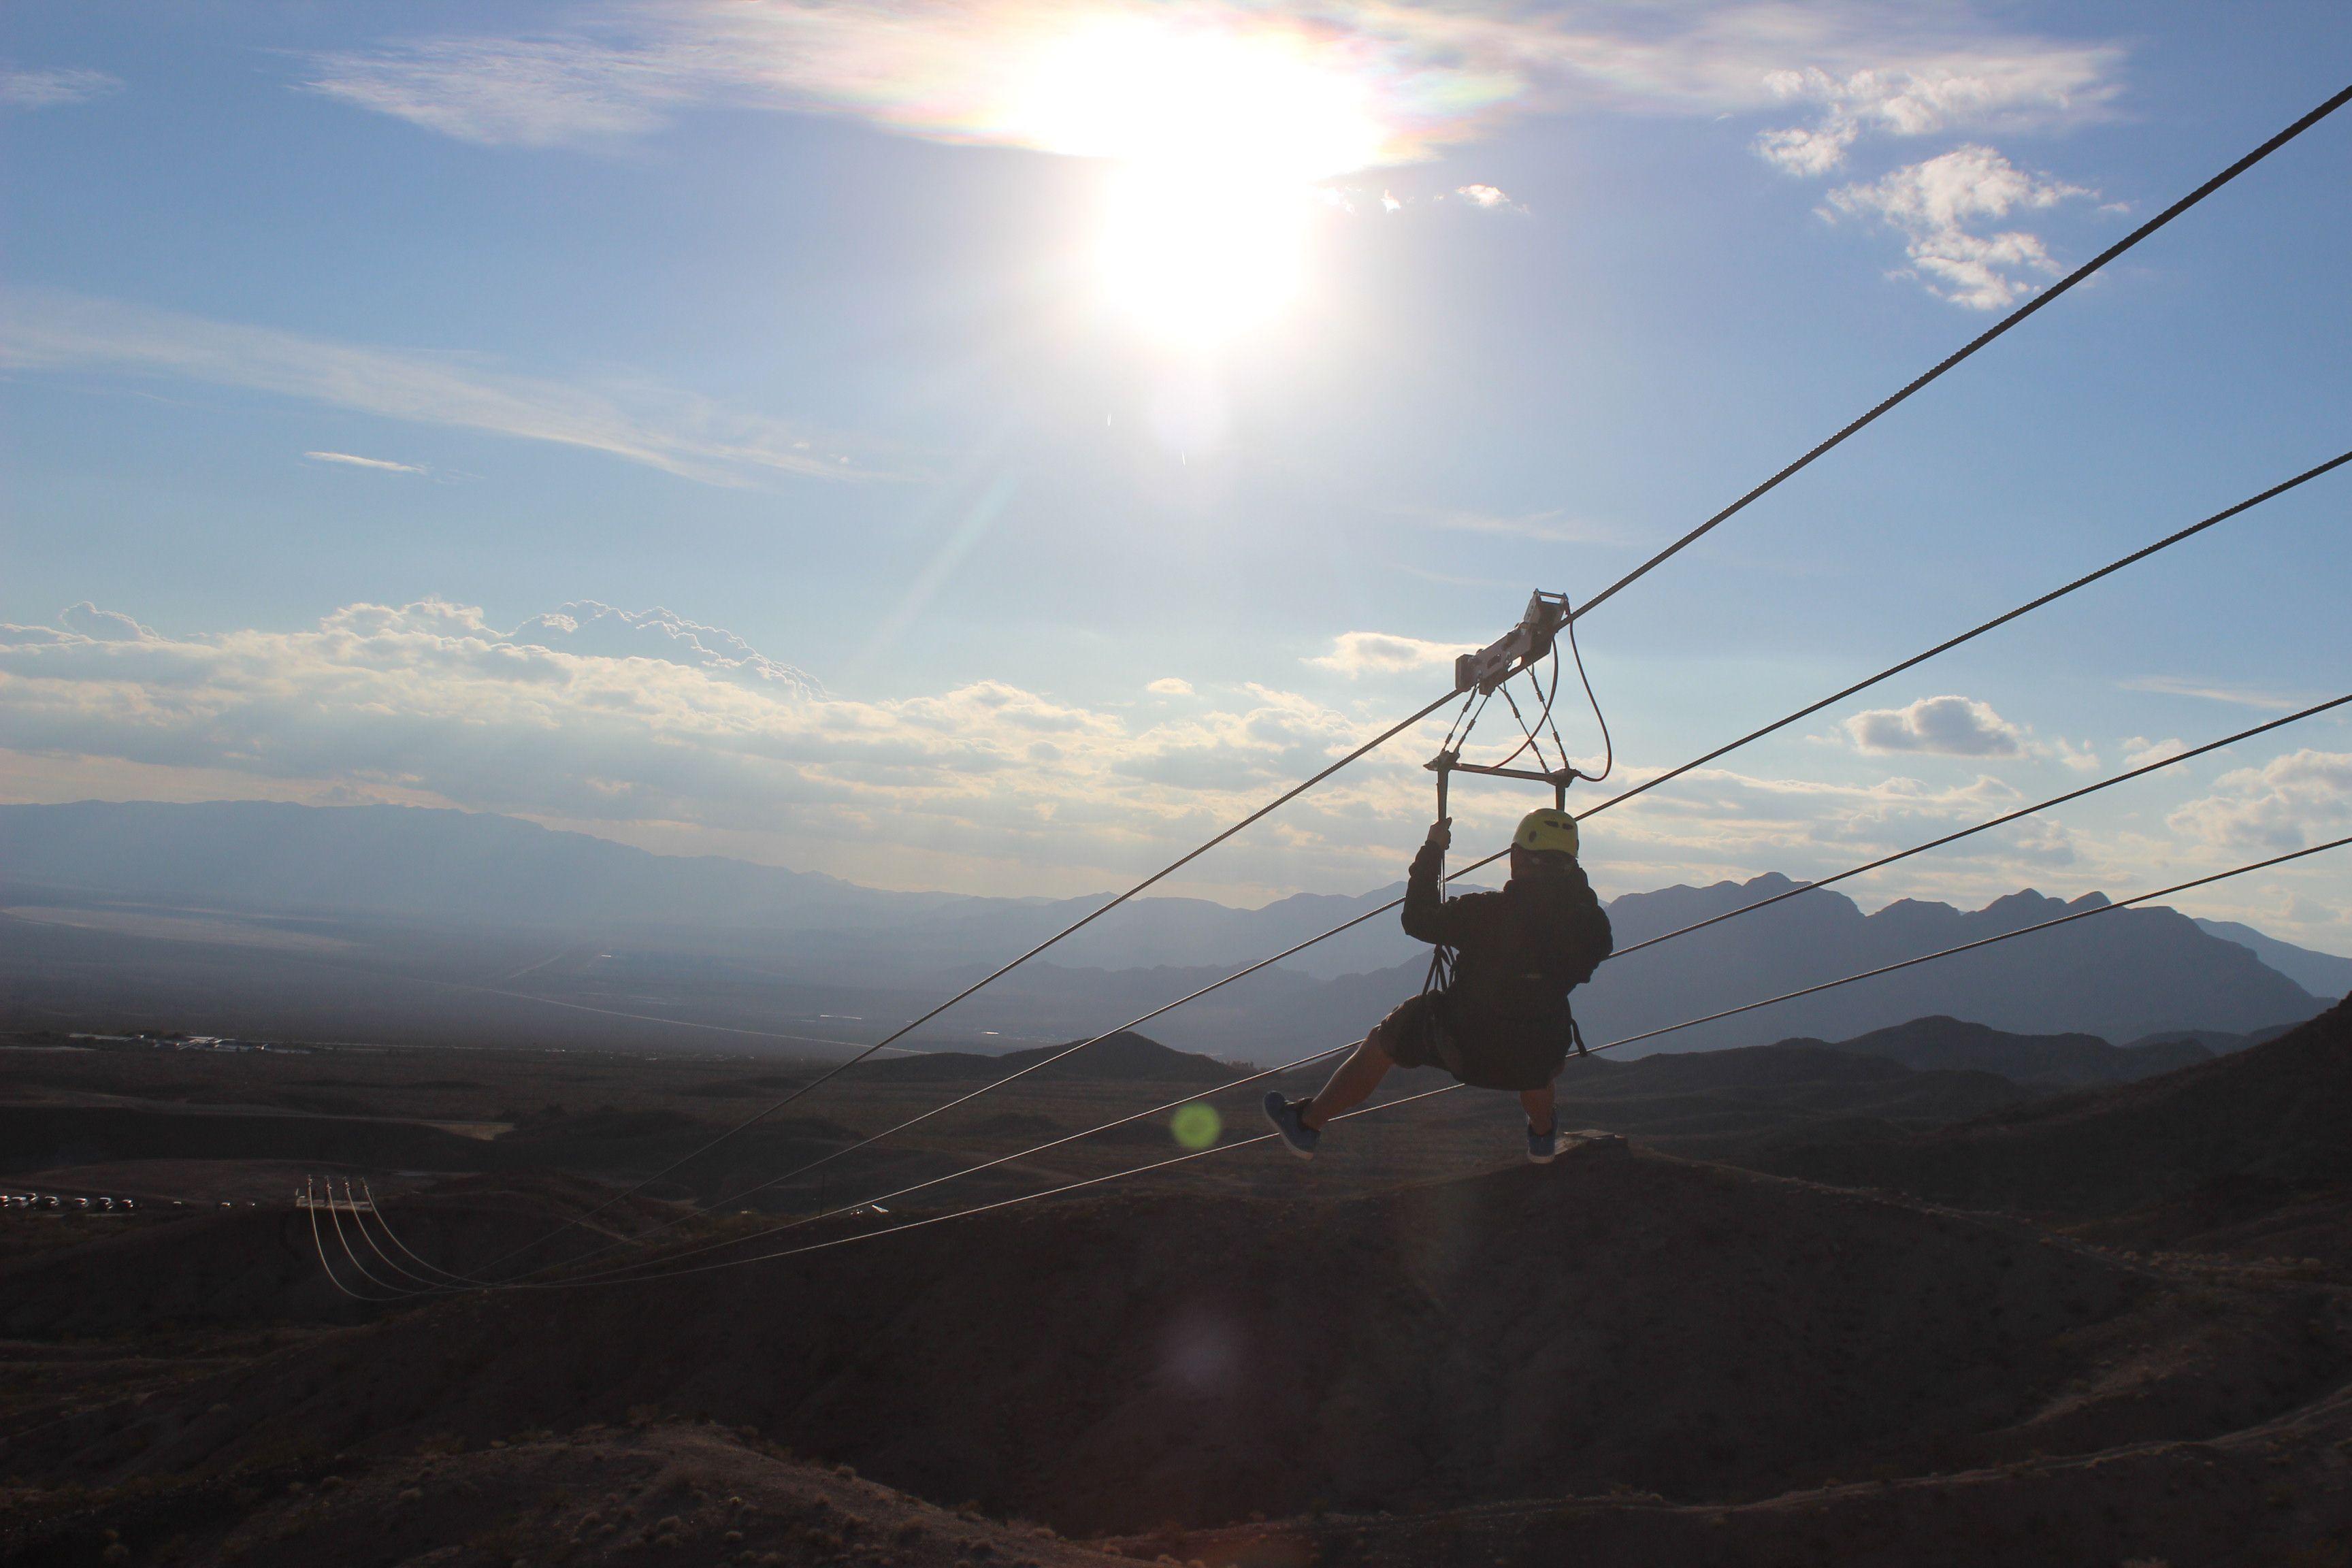 zipline over Mojave Desert